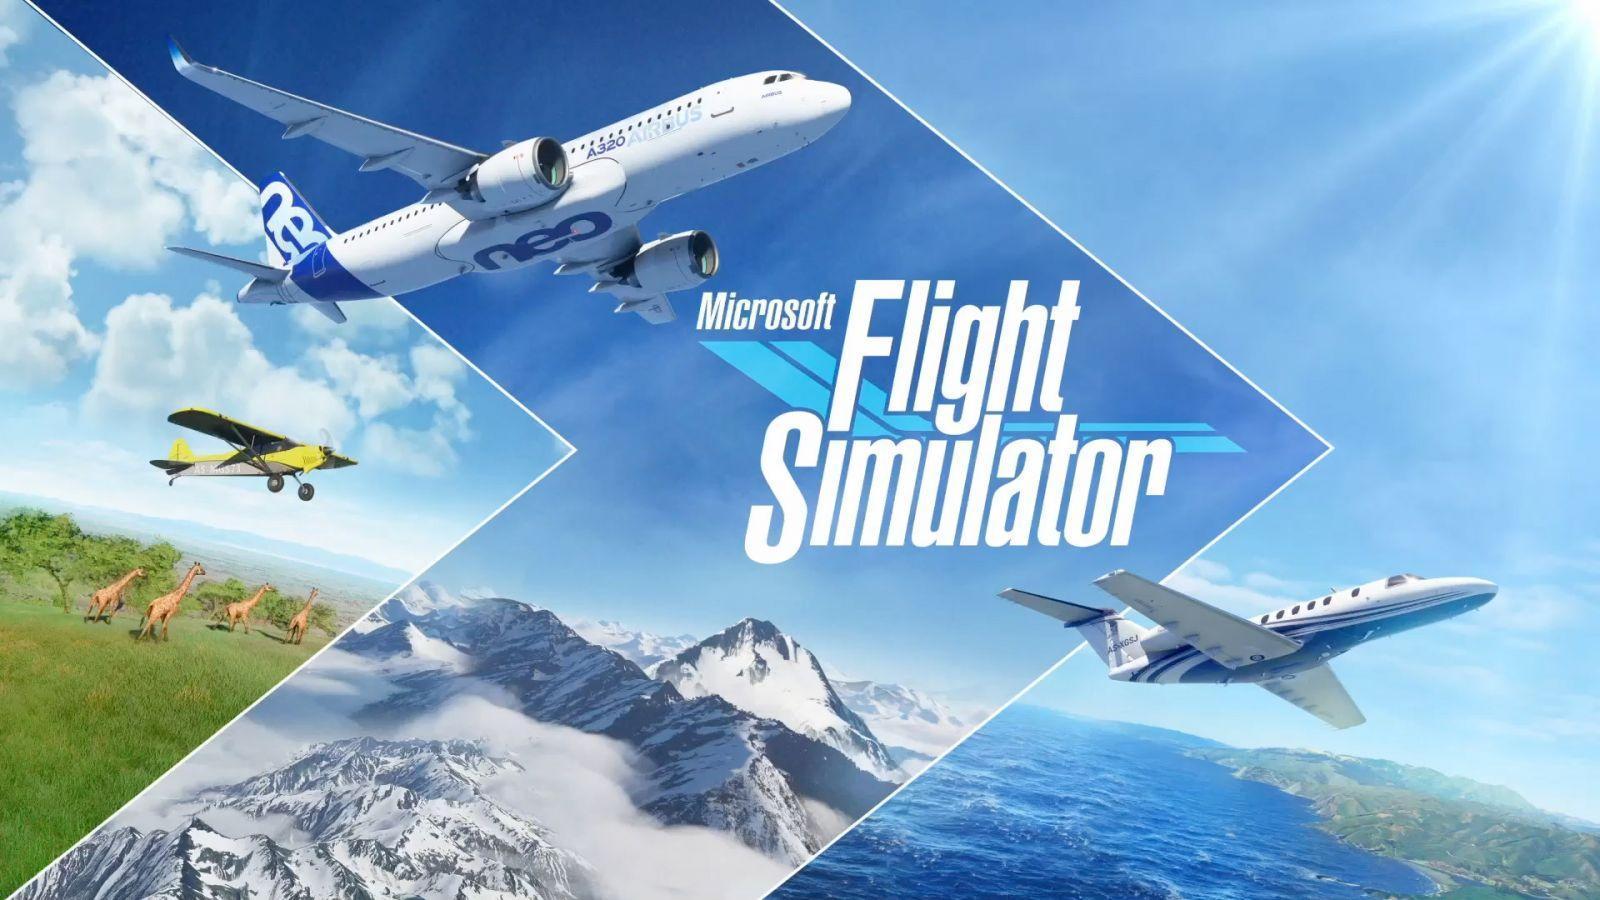 Microsoft и S7 Airlines проведут первый онлайн-рейс (f3227001 e68a 40a5 b626 1f7e180ec8db)